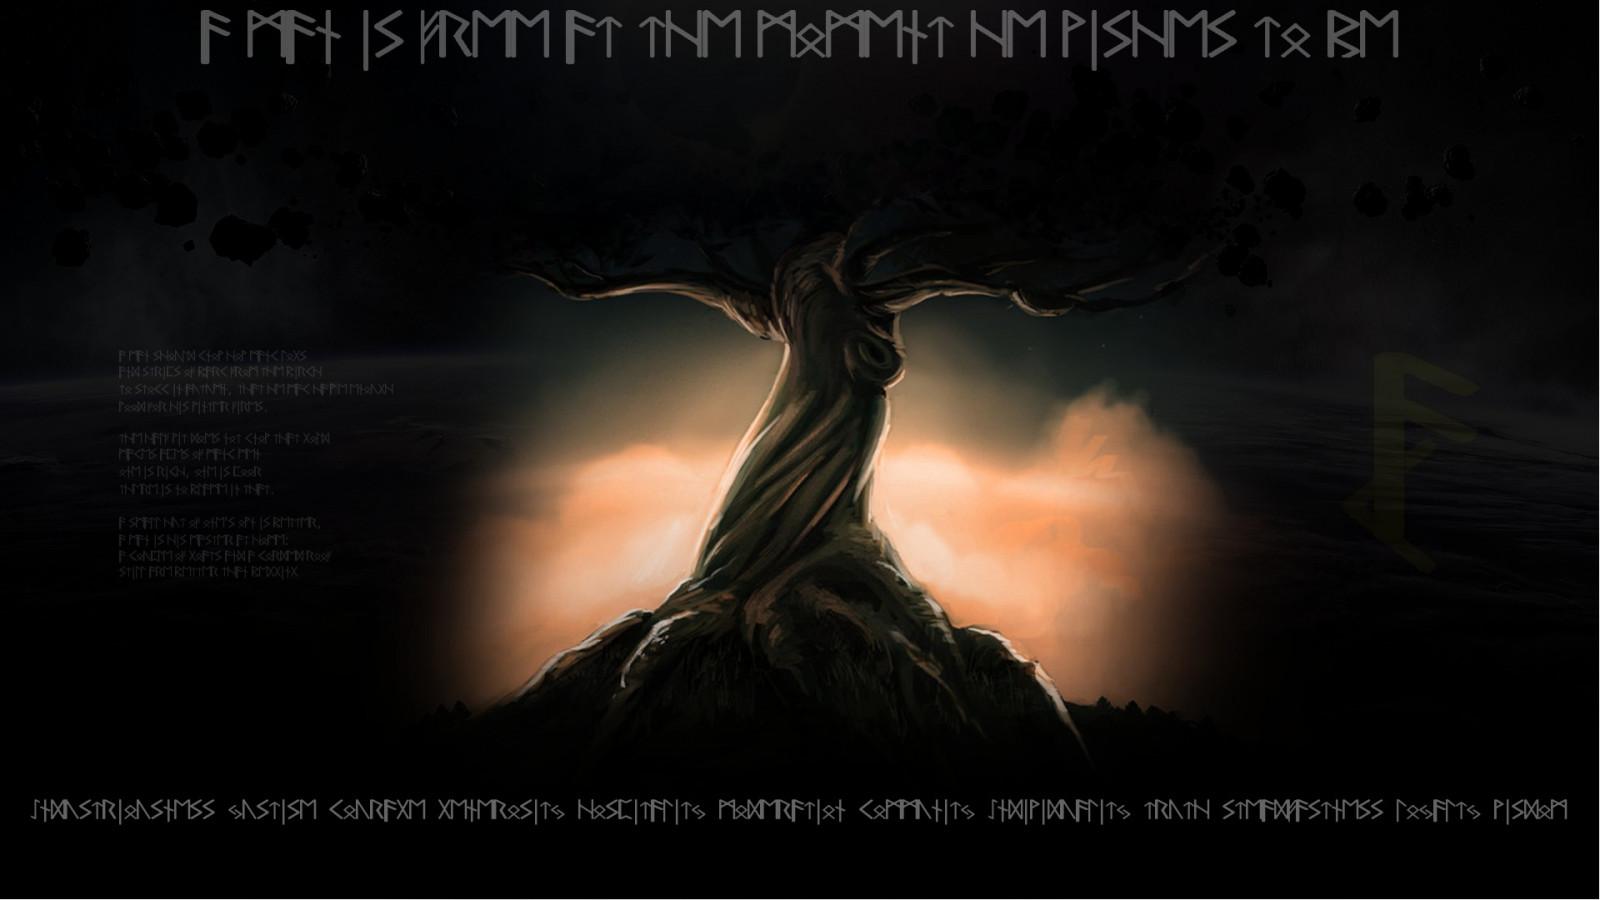 1920x1080_px_asatru_Norse_mythology_Yggdrasil-1296865.jpg!d